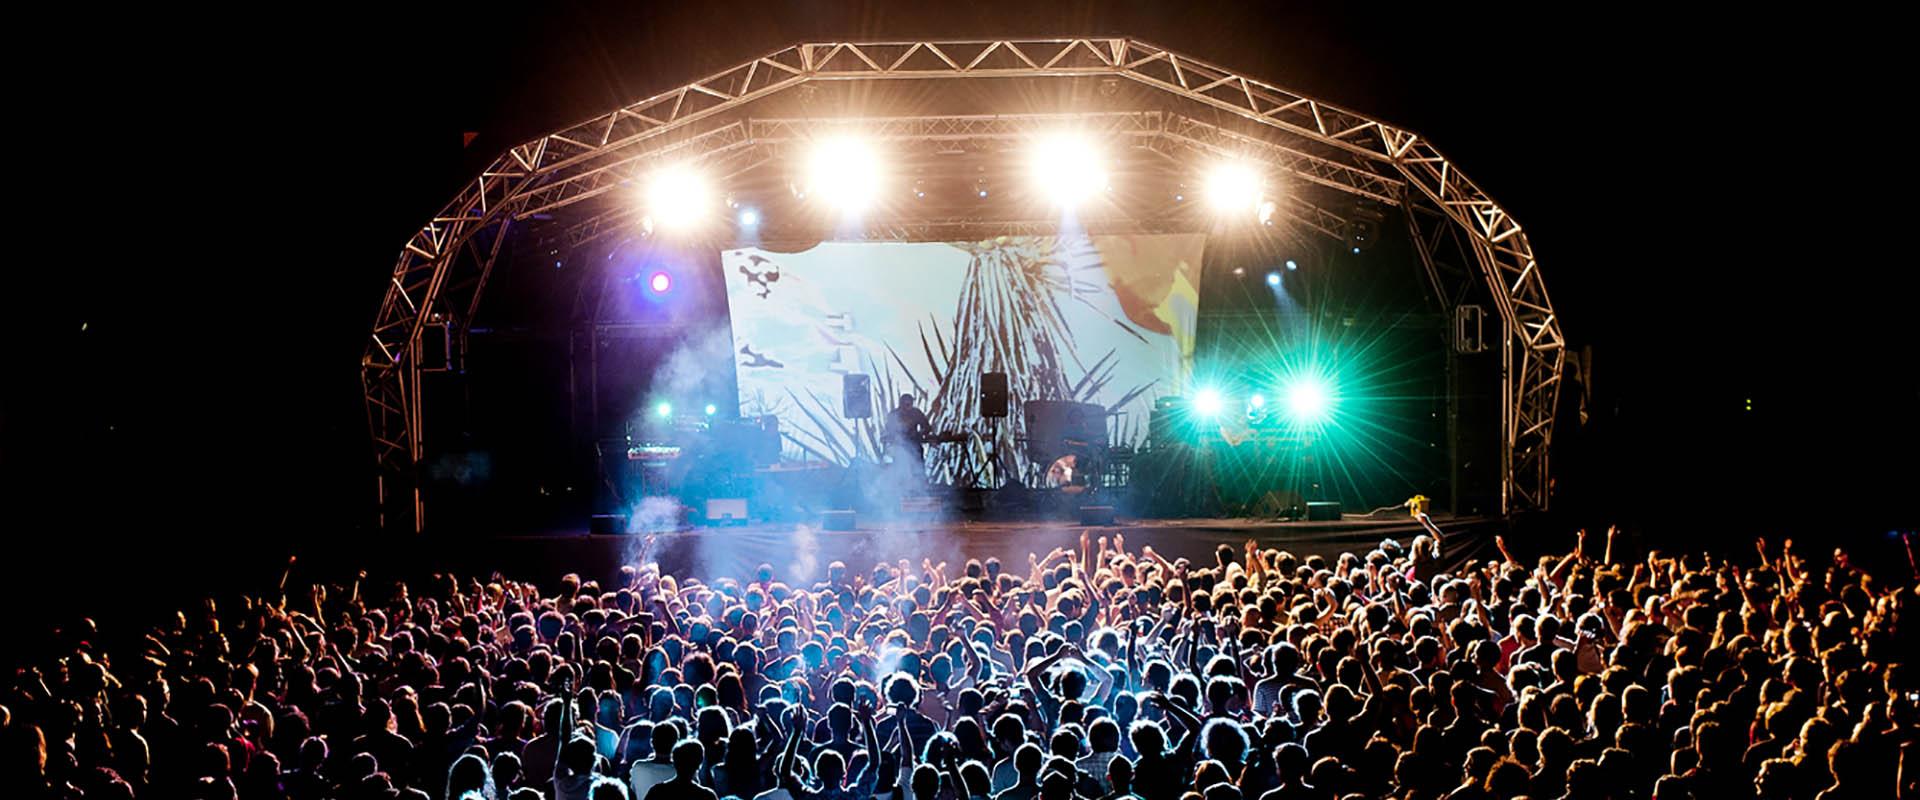 Benicàssim se abre a los festivales durante todo el año